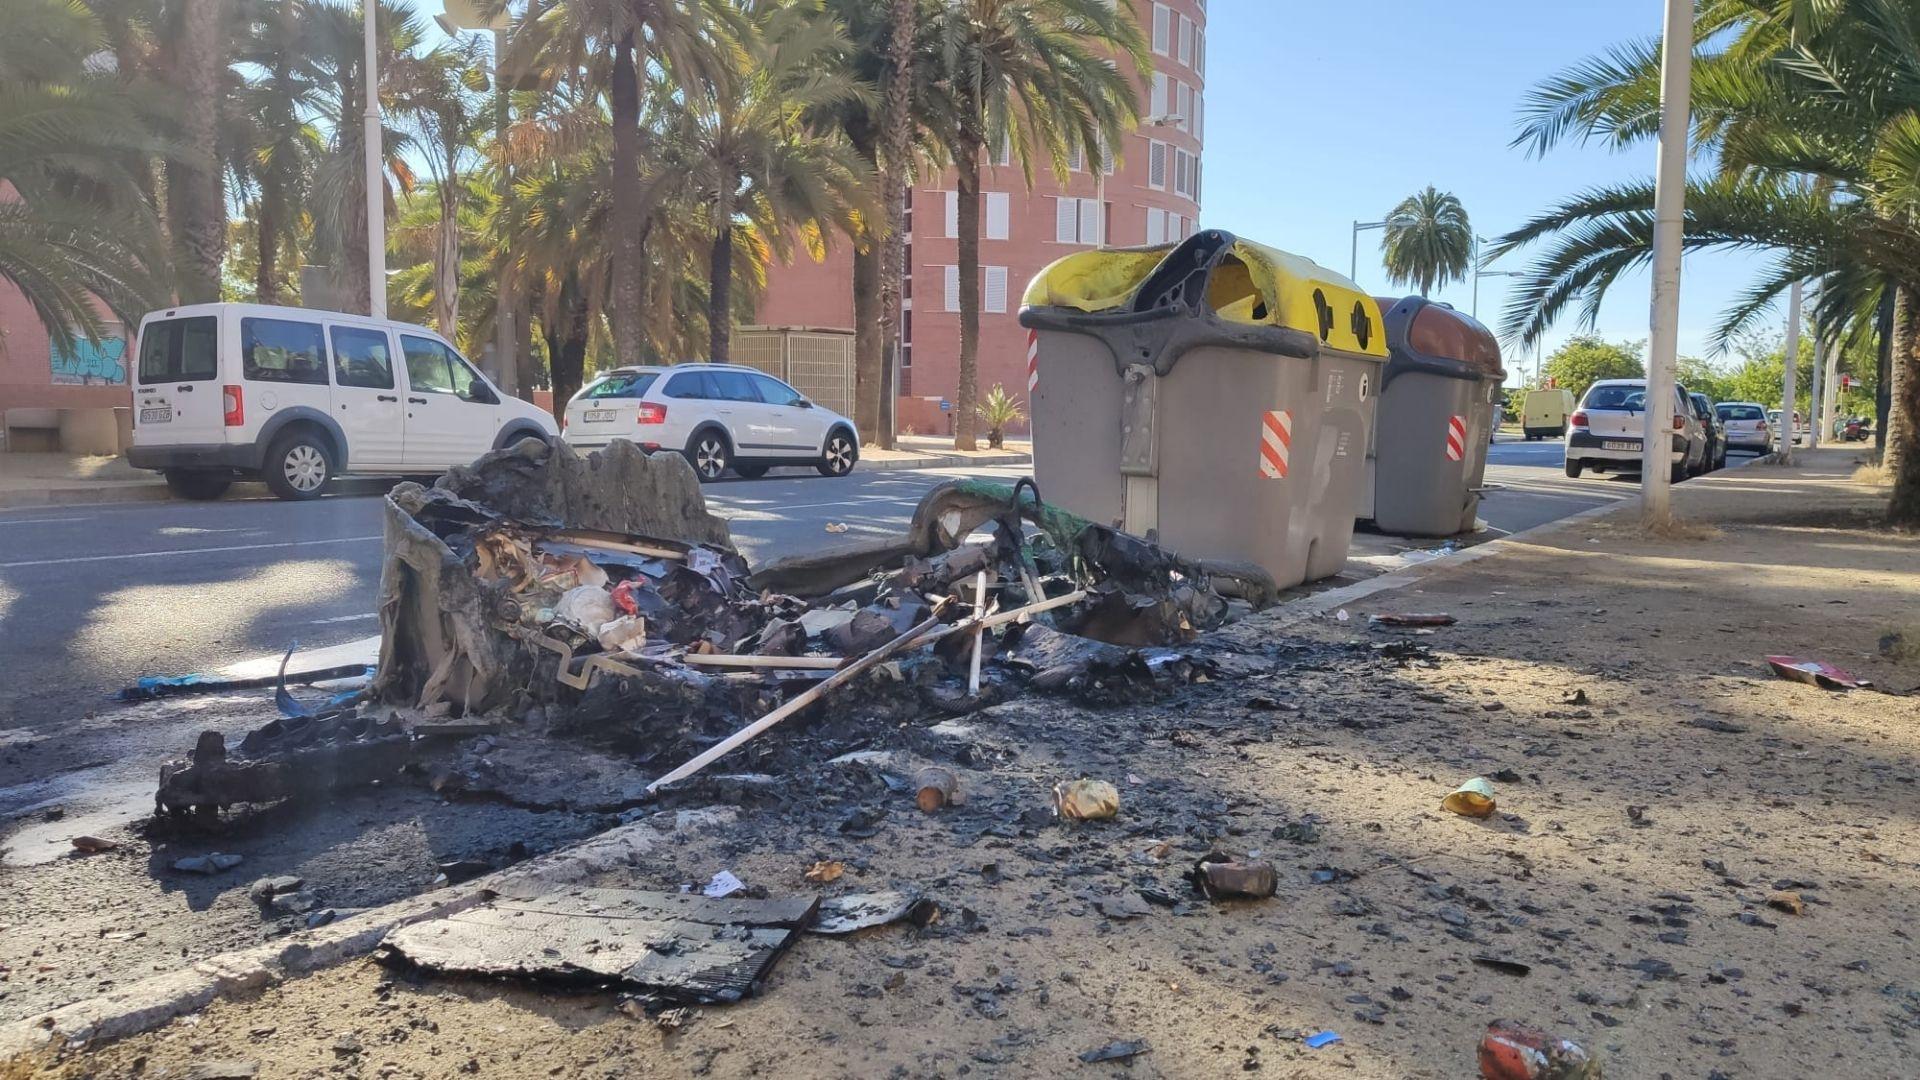 contenidors cremats a la placa tirant lo blanc vila olimpica